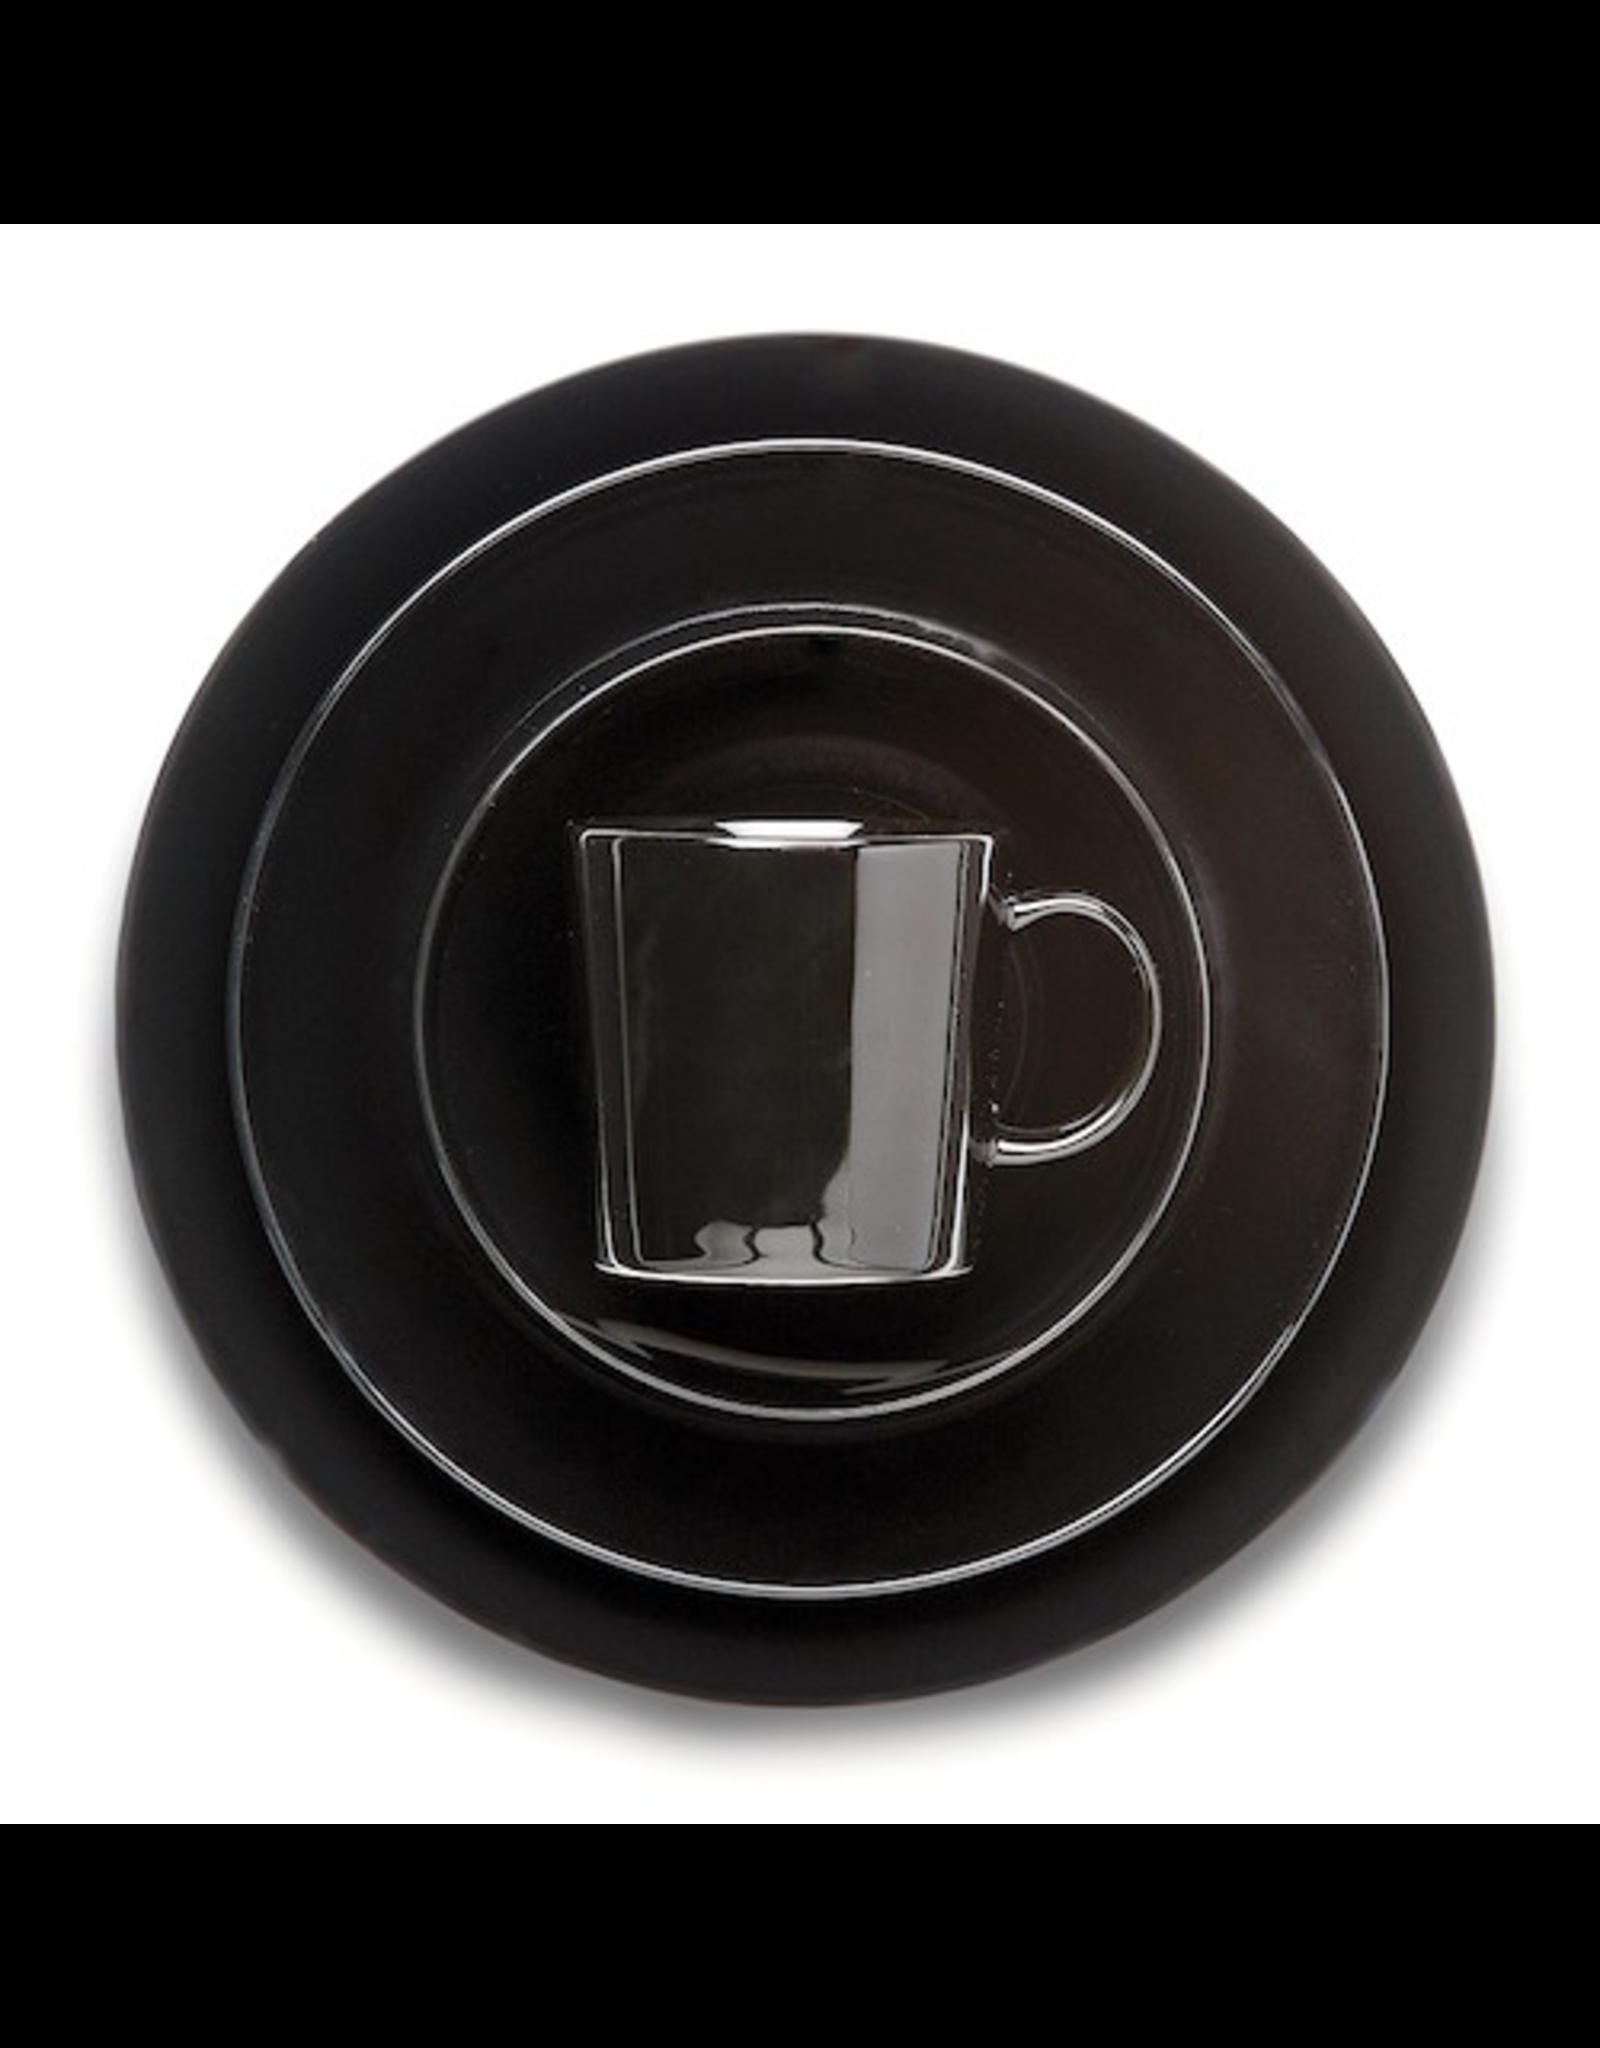 IITTALA TEEMA BLACK TABLEWARE